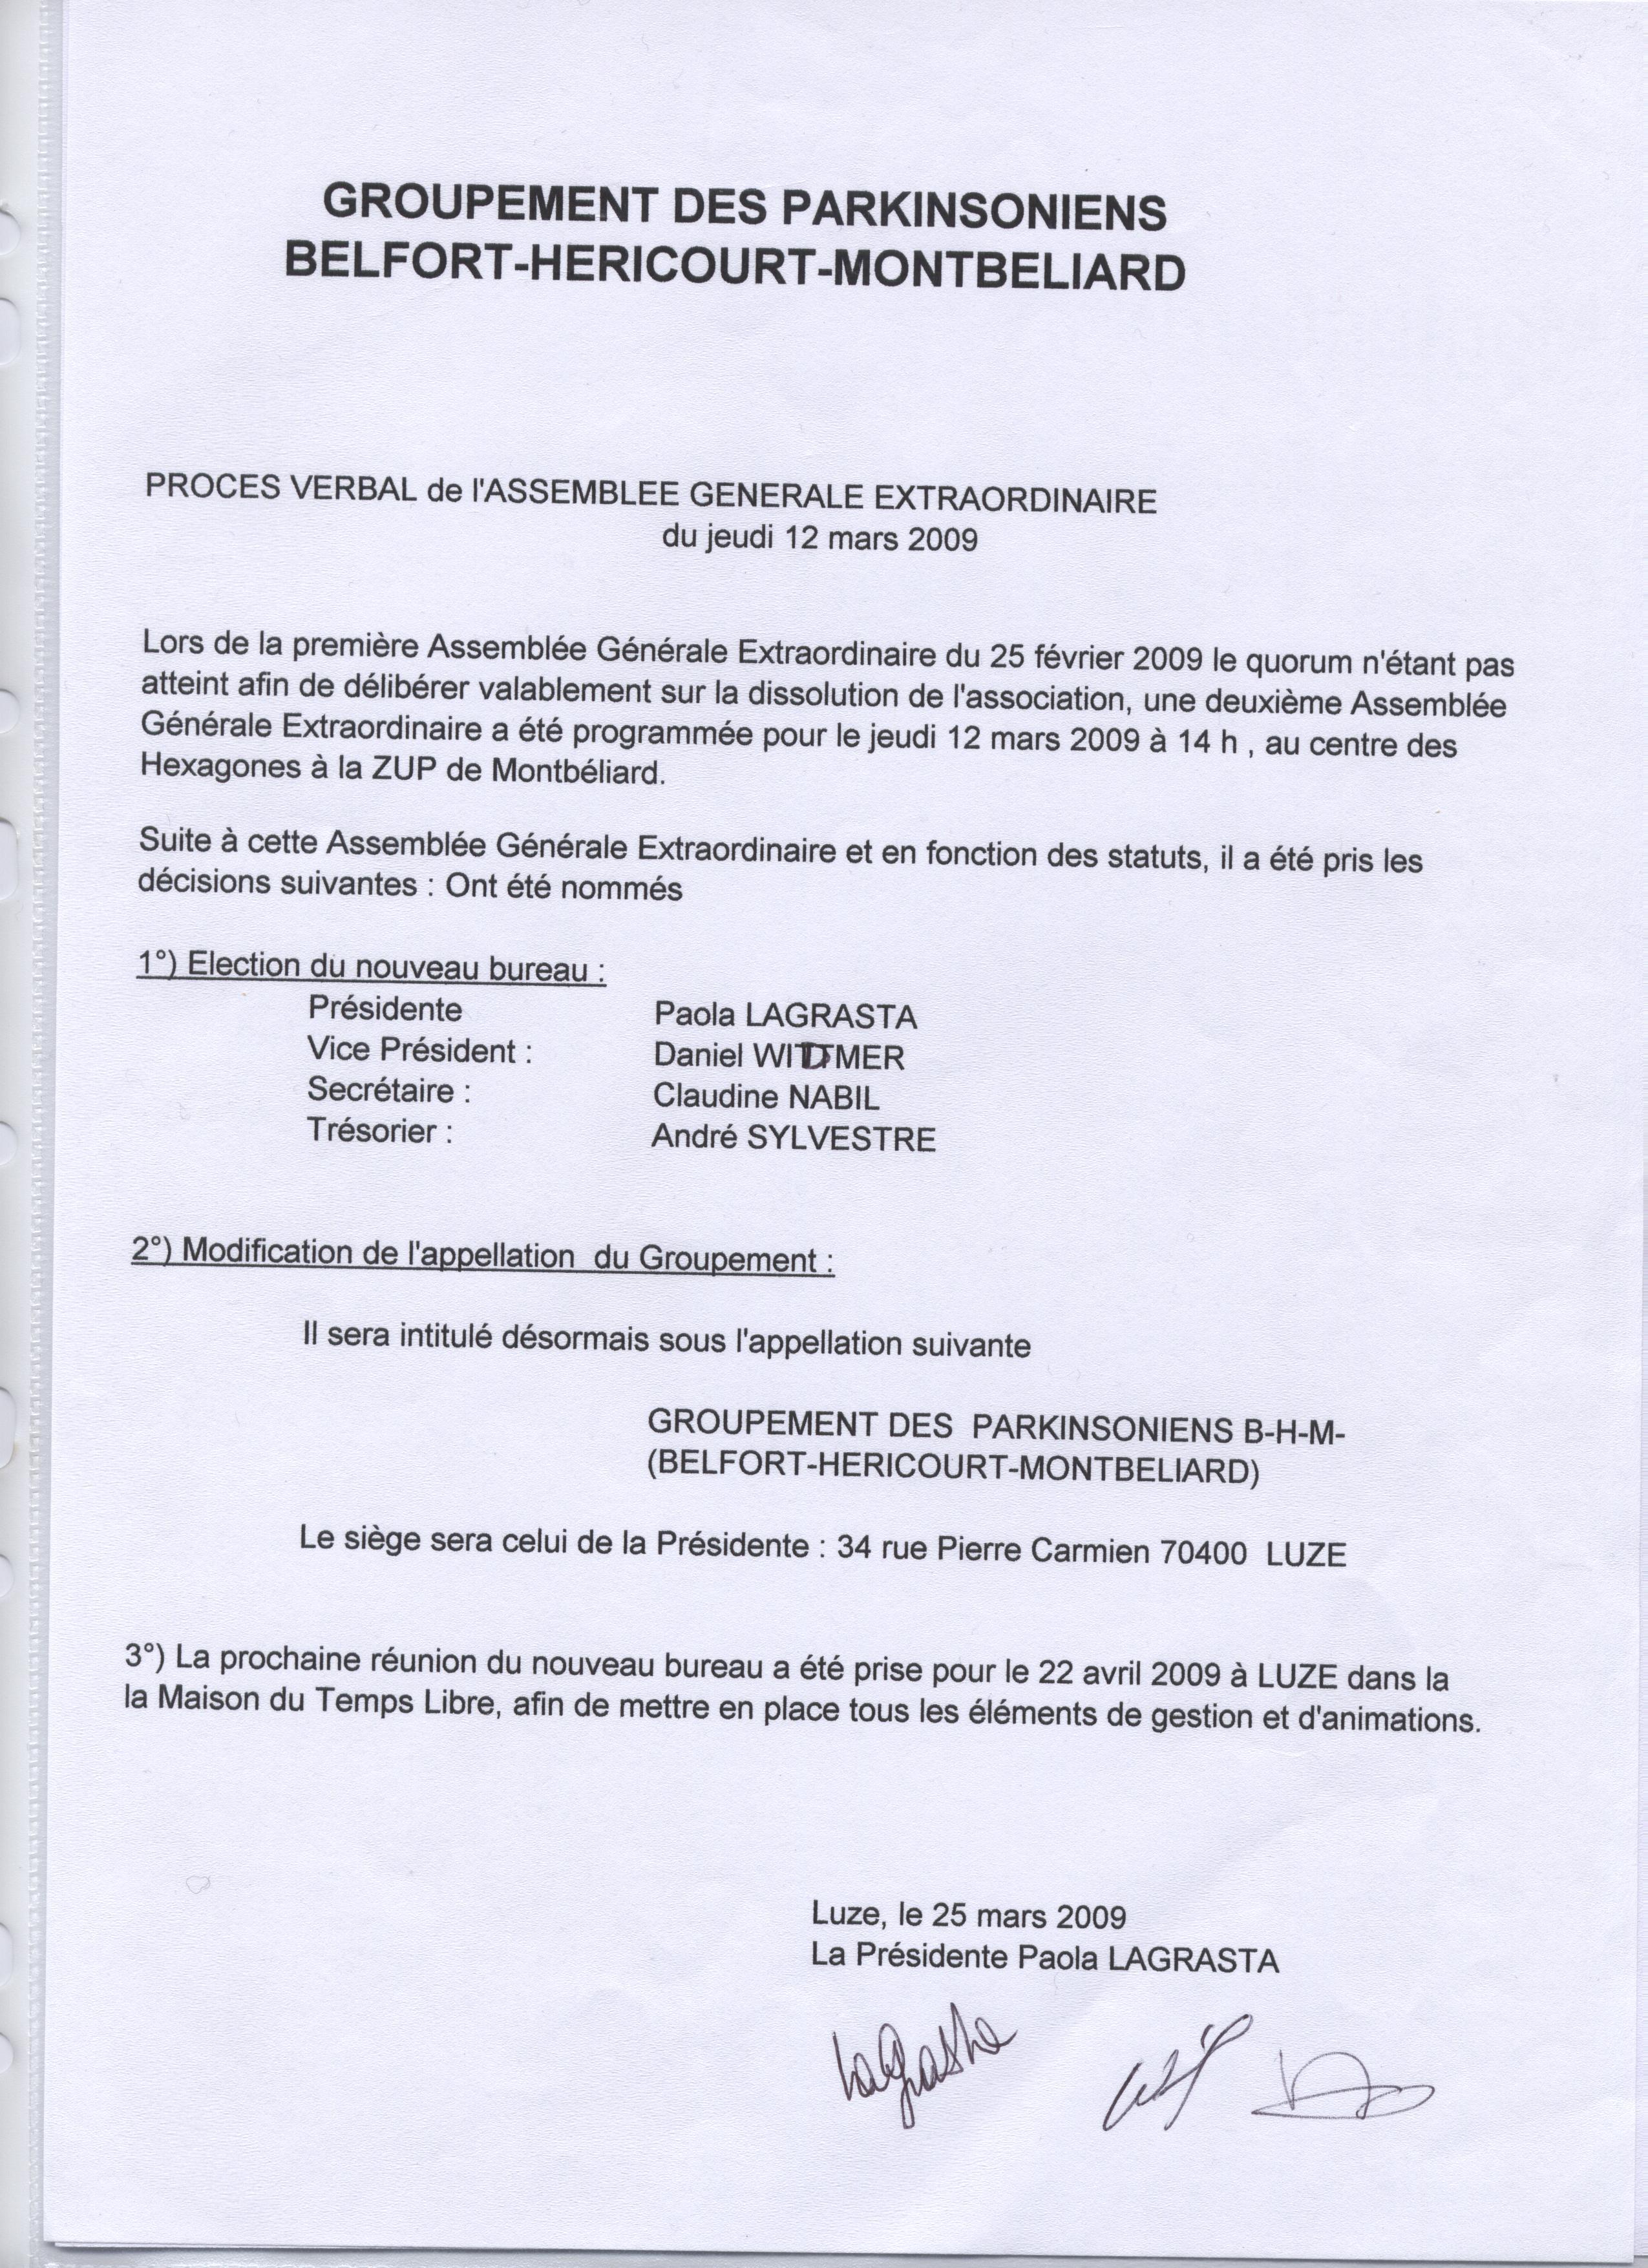 PV / AG du 12/03/2009